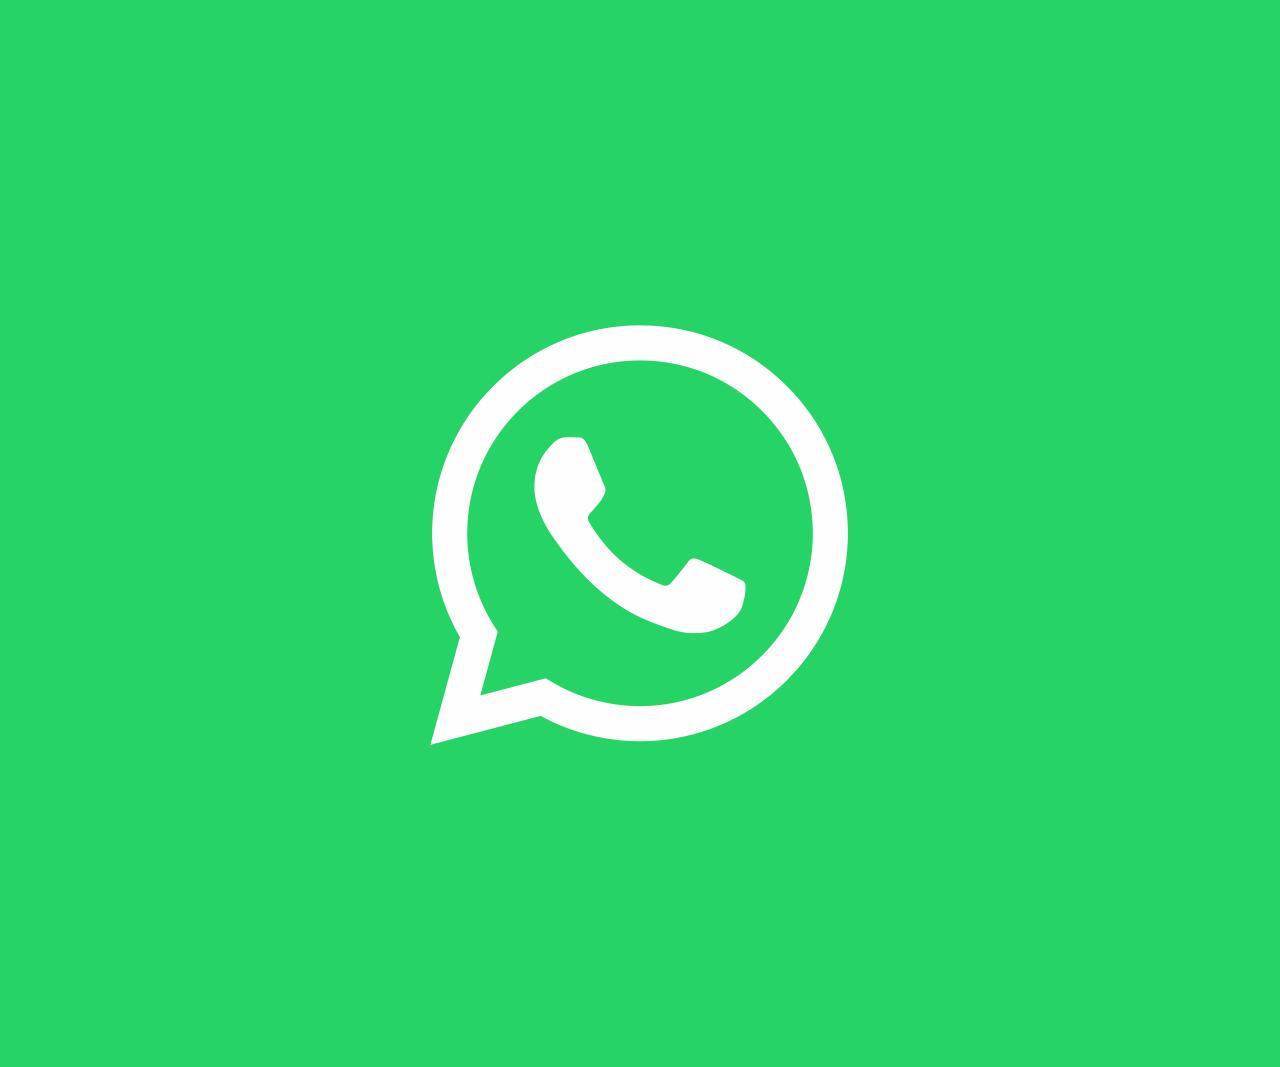 Schreibe eine Whatsapp Nachricht!